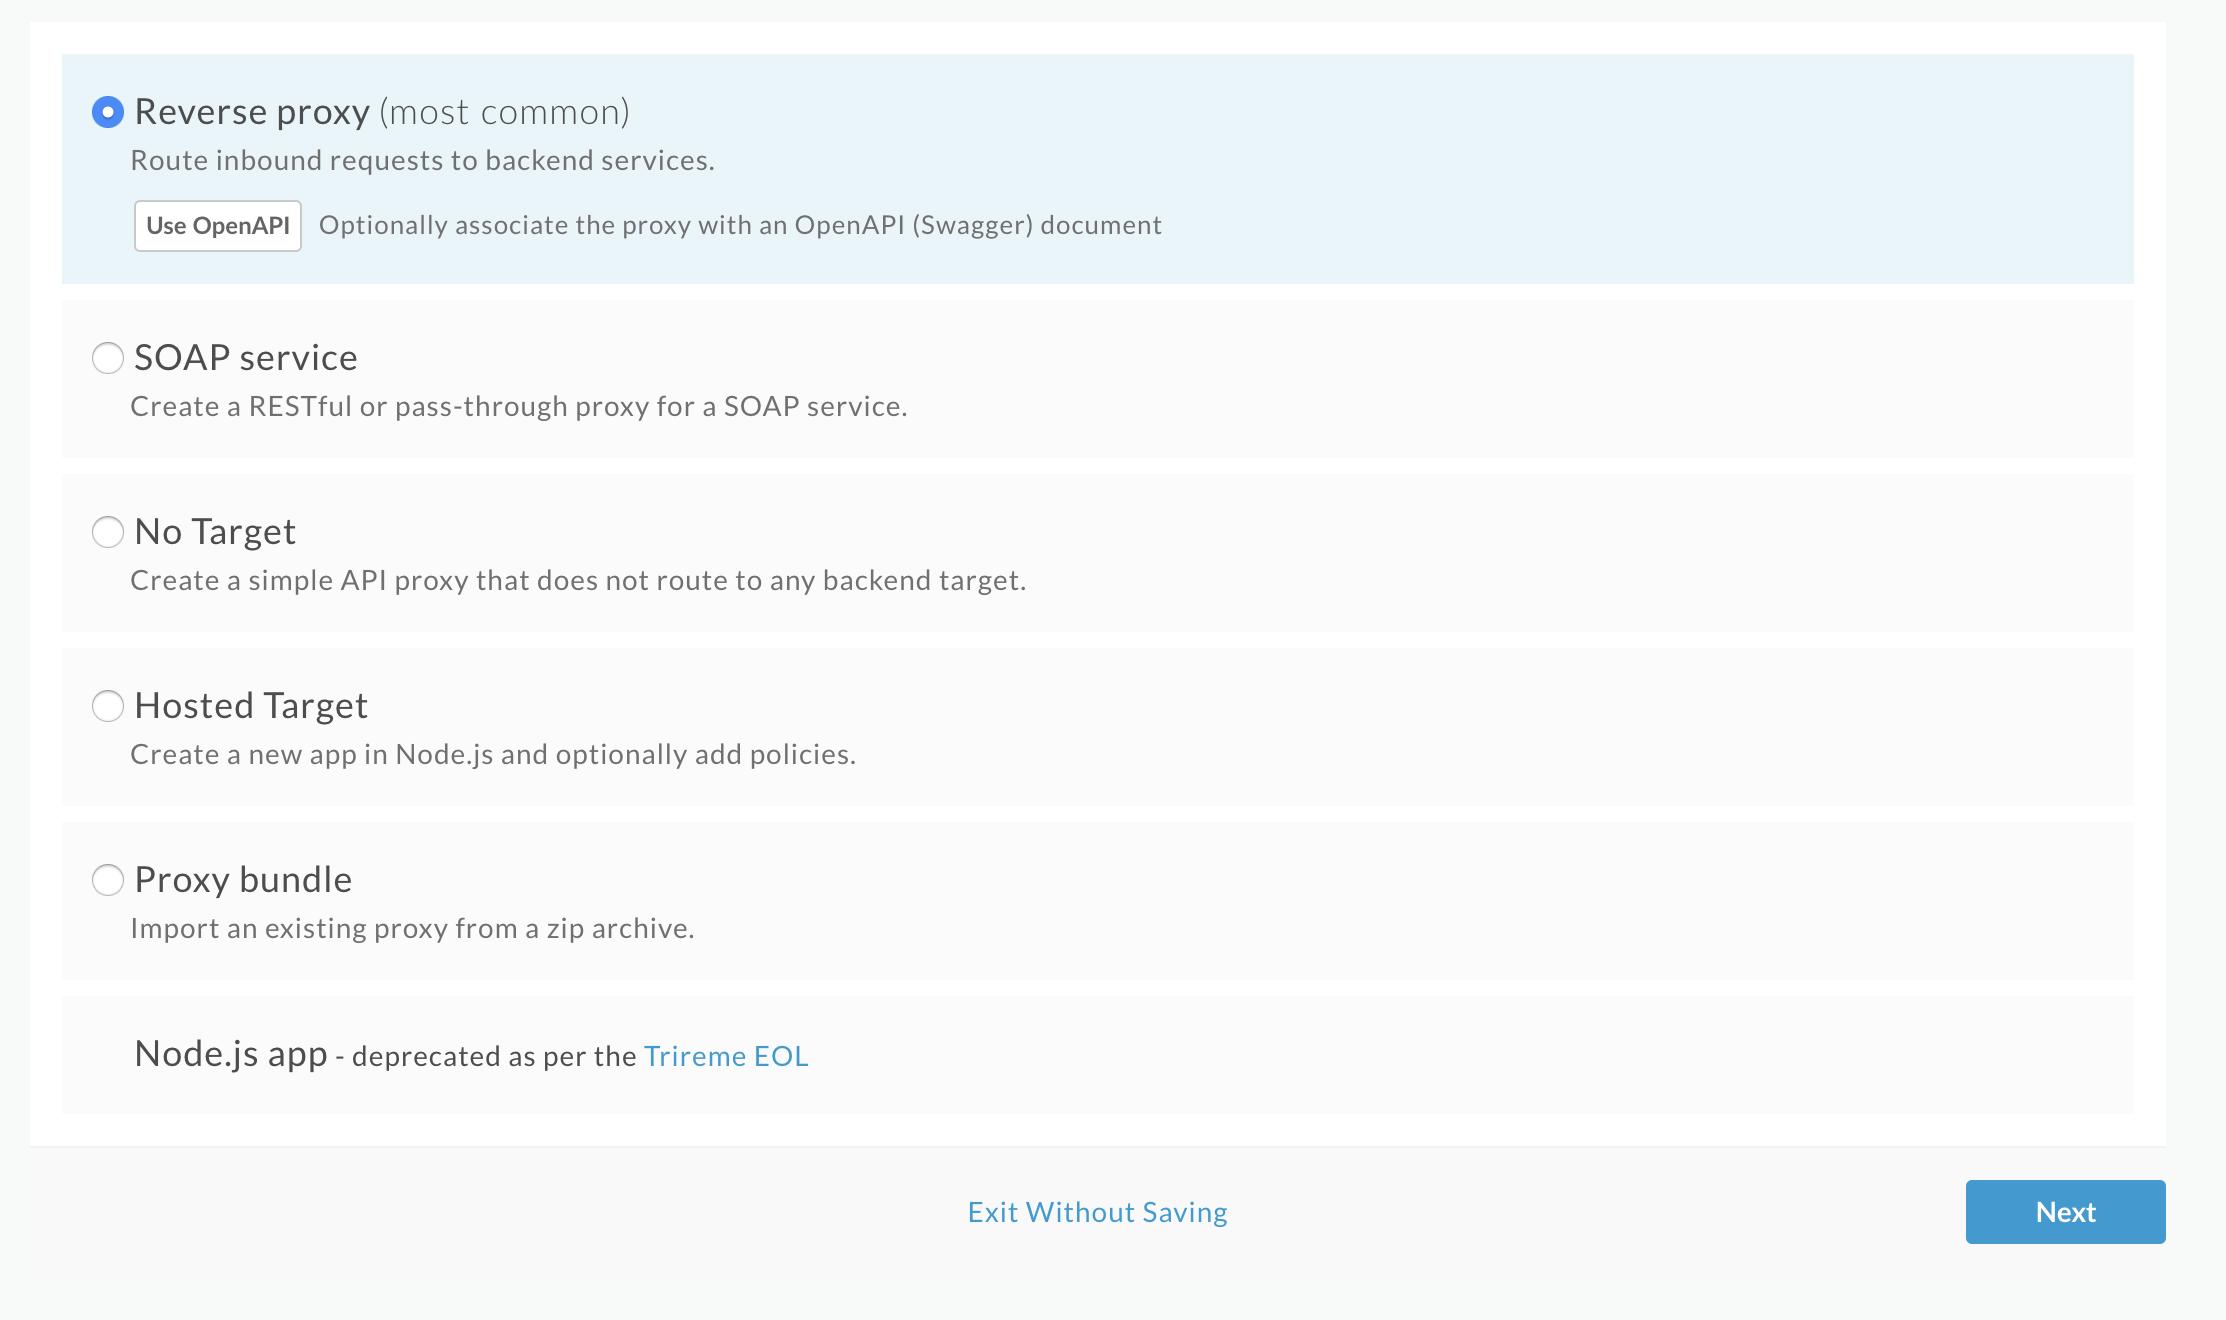 [Create Proxy] ウィザードの最初のページ。[Reverse proxy]、[SOAP service]、[No Target]、または [Proxy bundle] を選択します。選択した項目により、ウィザード フローが変わります。